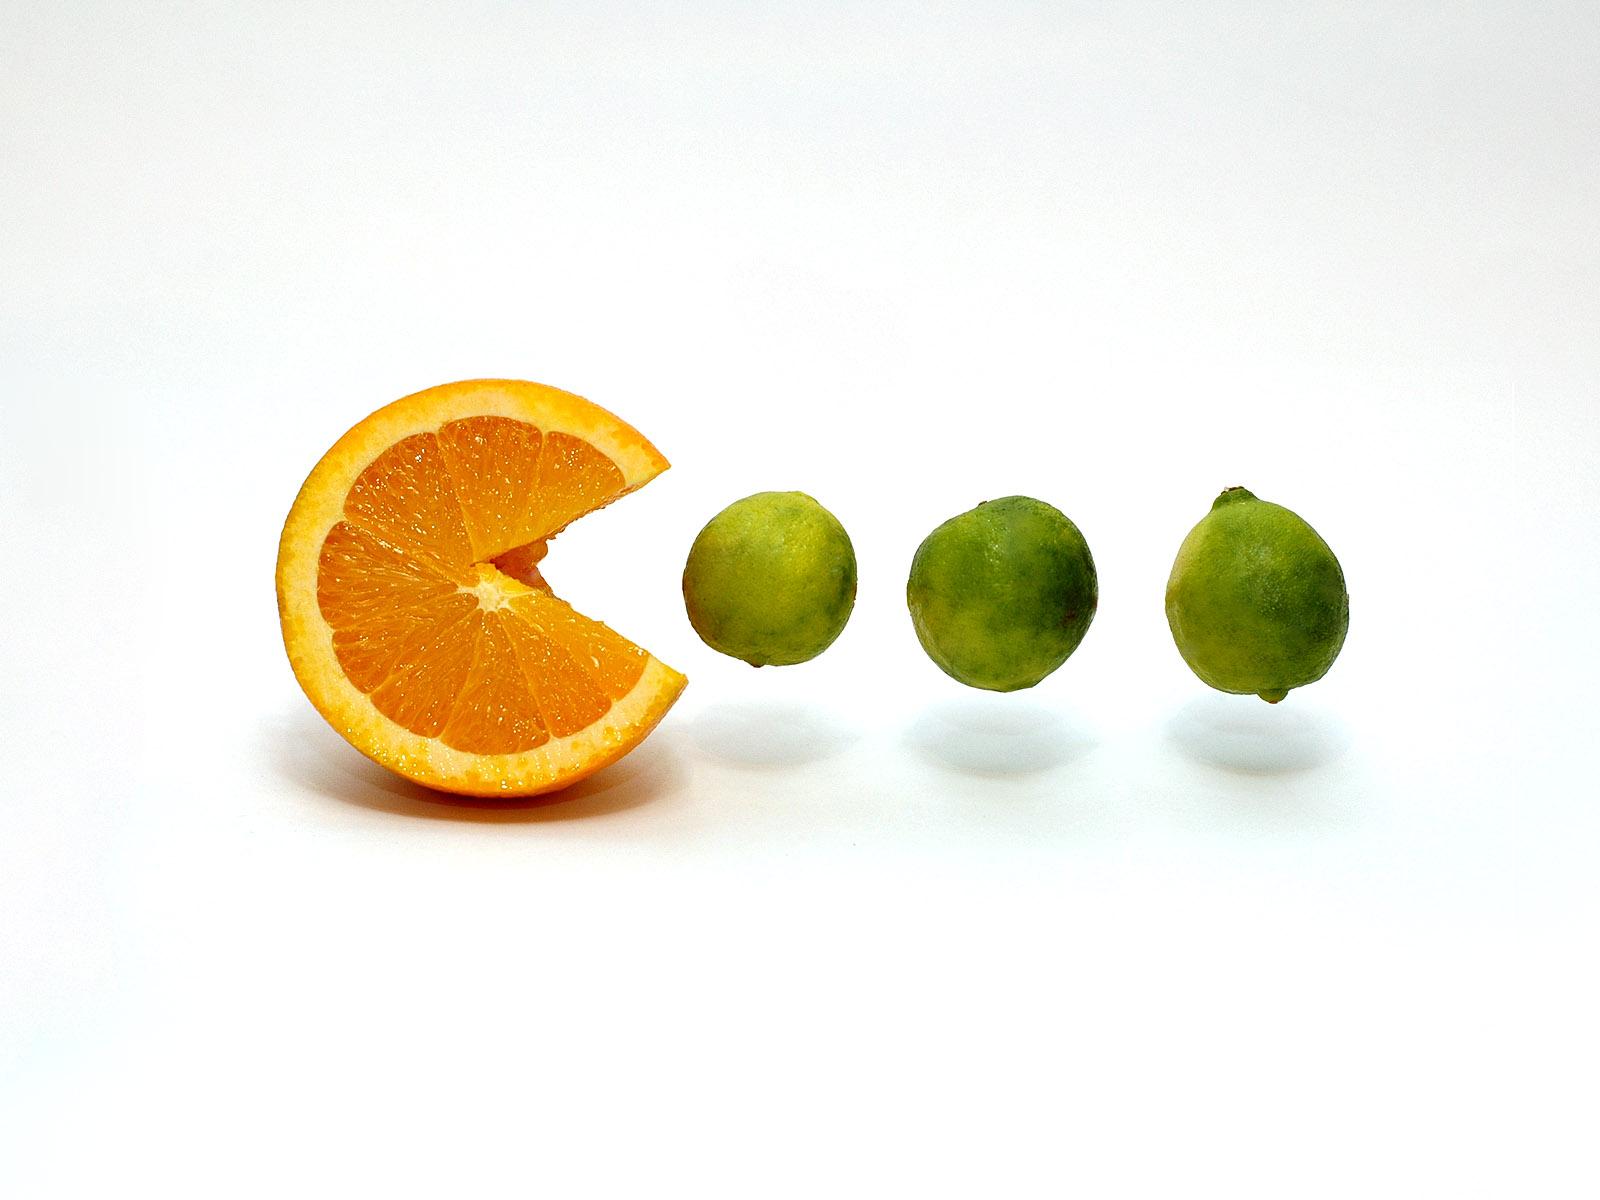 pacman en fruit! pacman-18-pacman-jeux-video